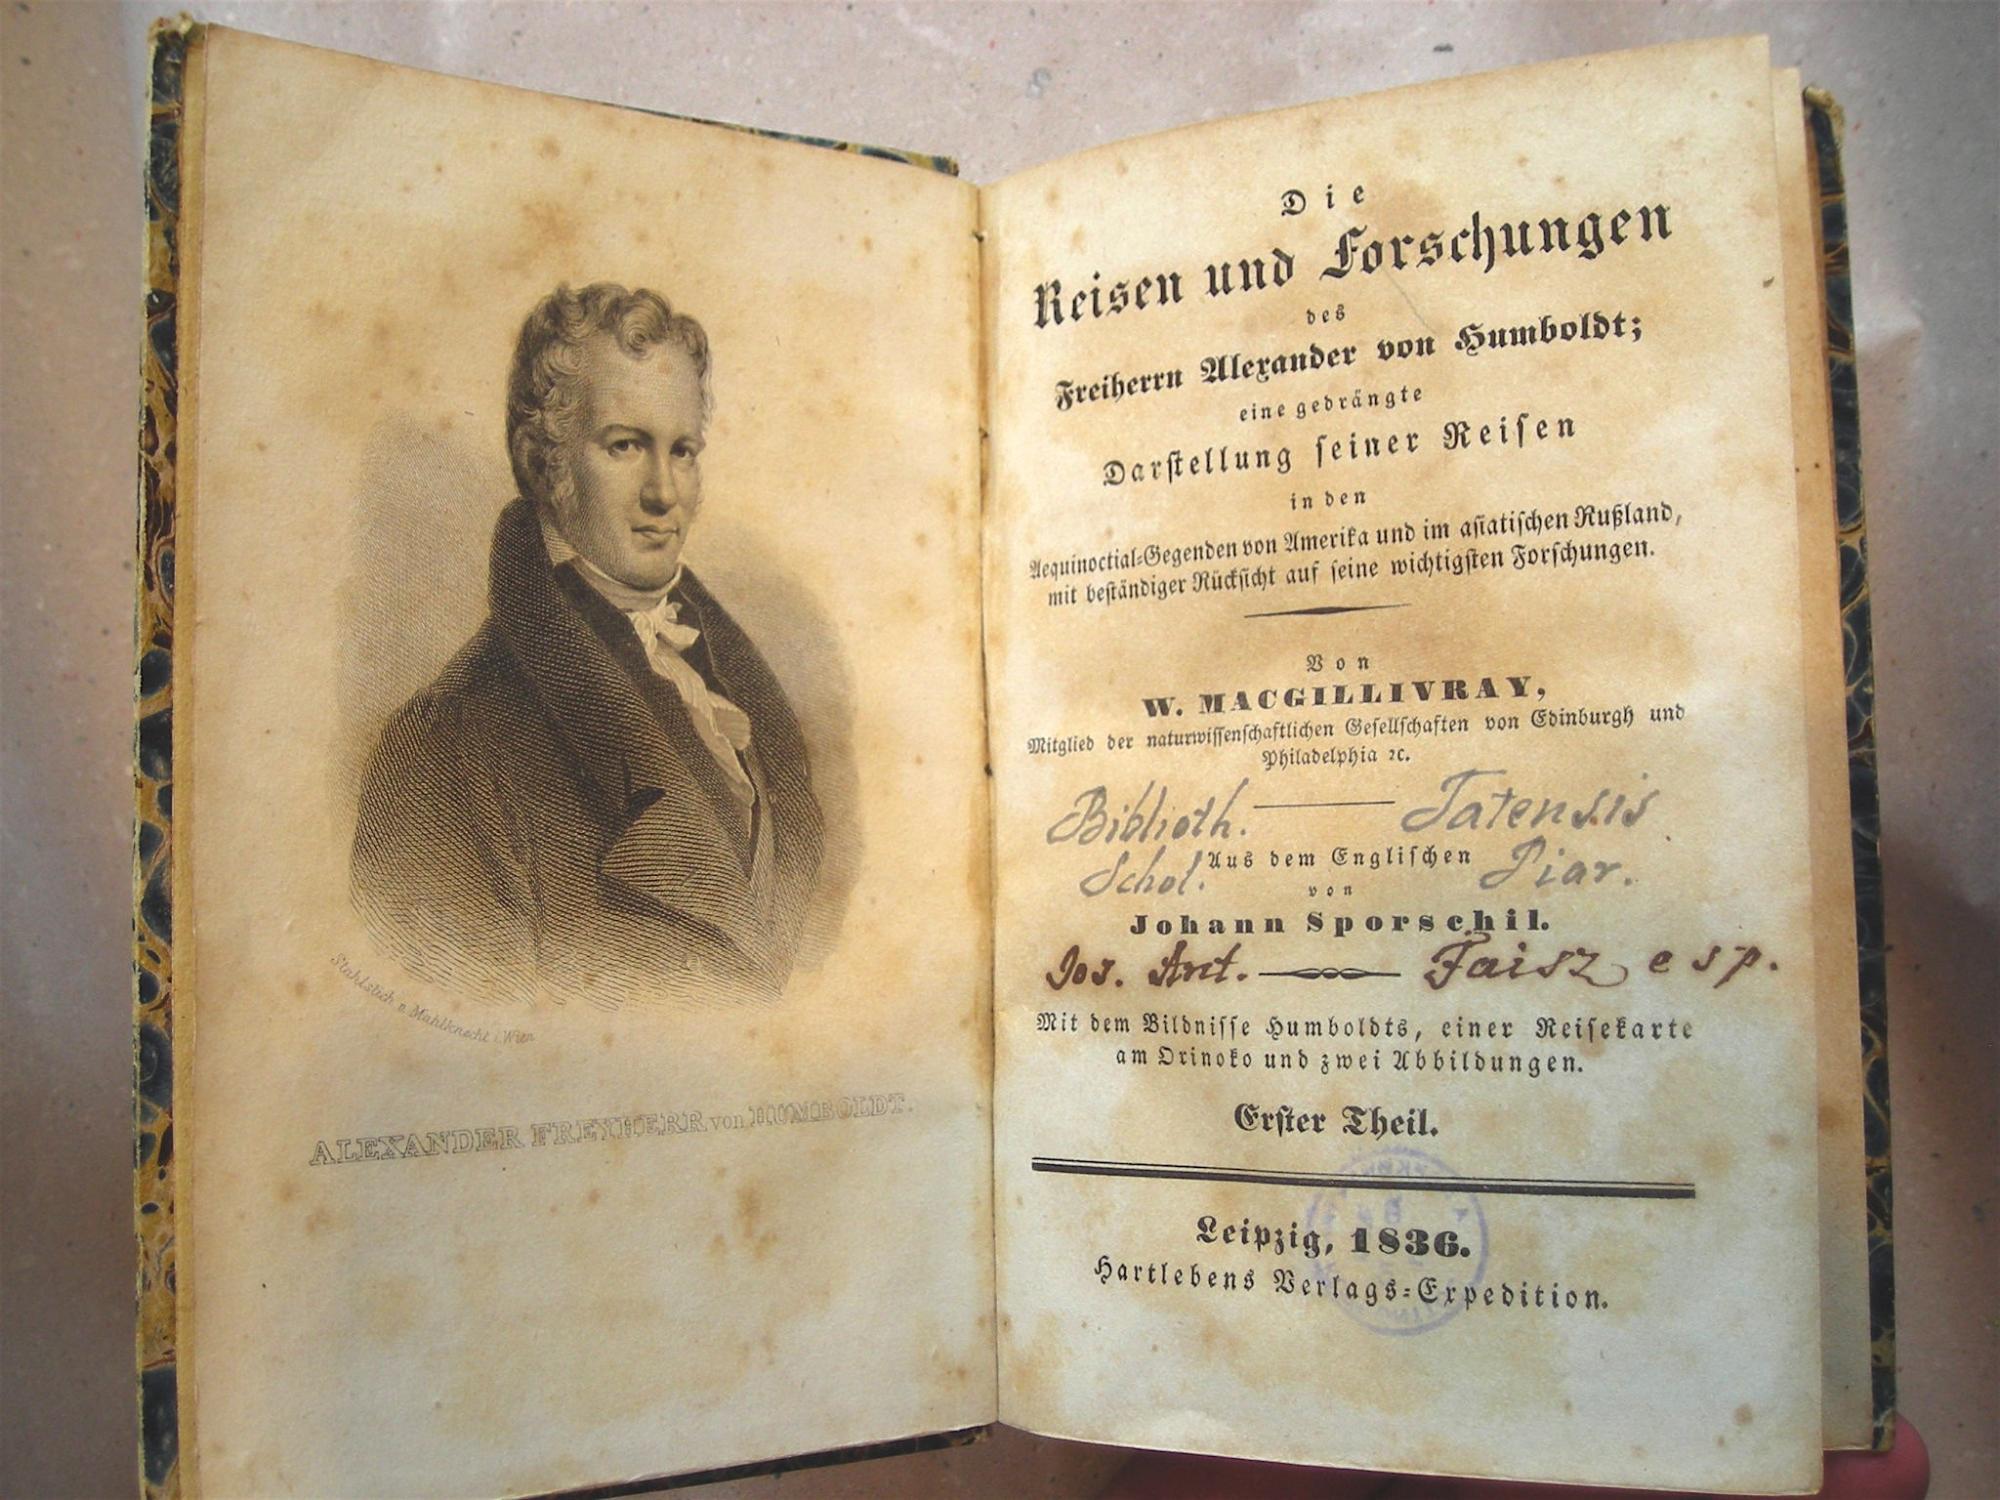 Alexander Von Humboldt Reisen